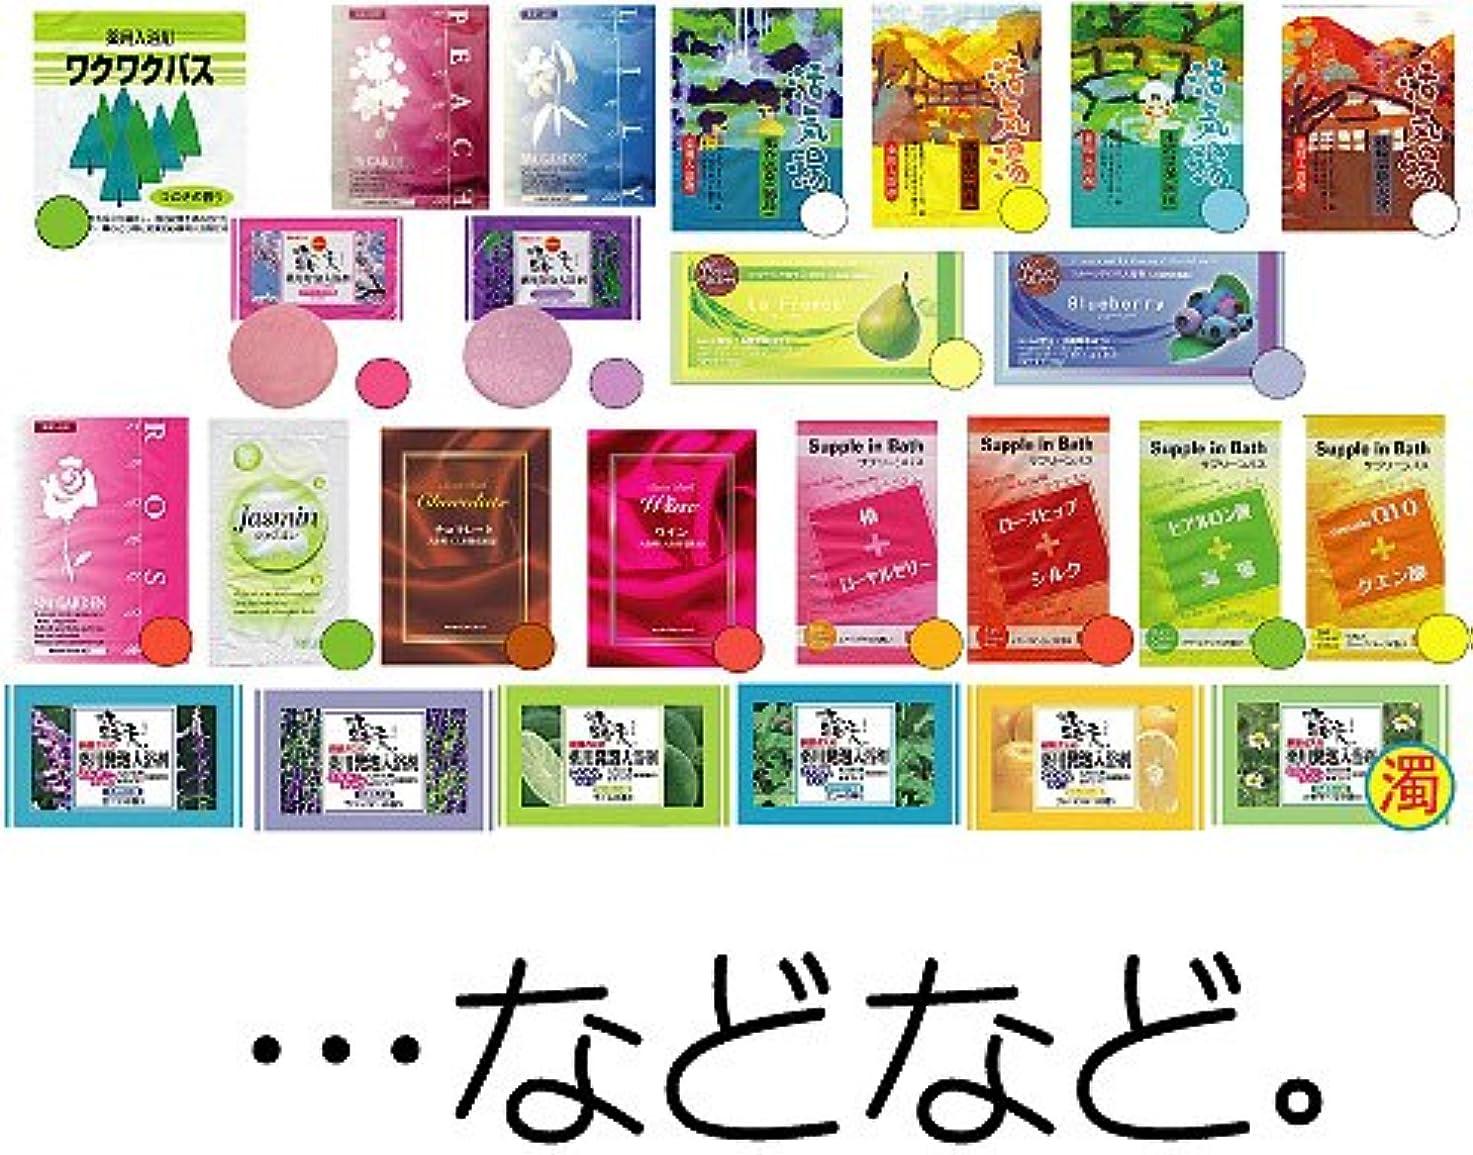 提出するインストール合金福袋 入浴剤バラ 詰め合わせセット 入浴料 バス 温泉 (20袋入り)